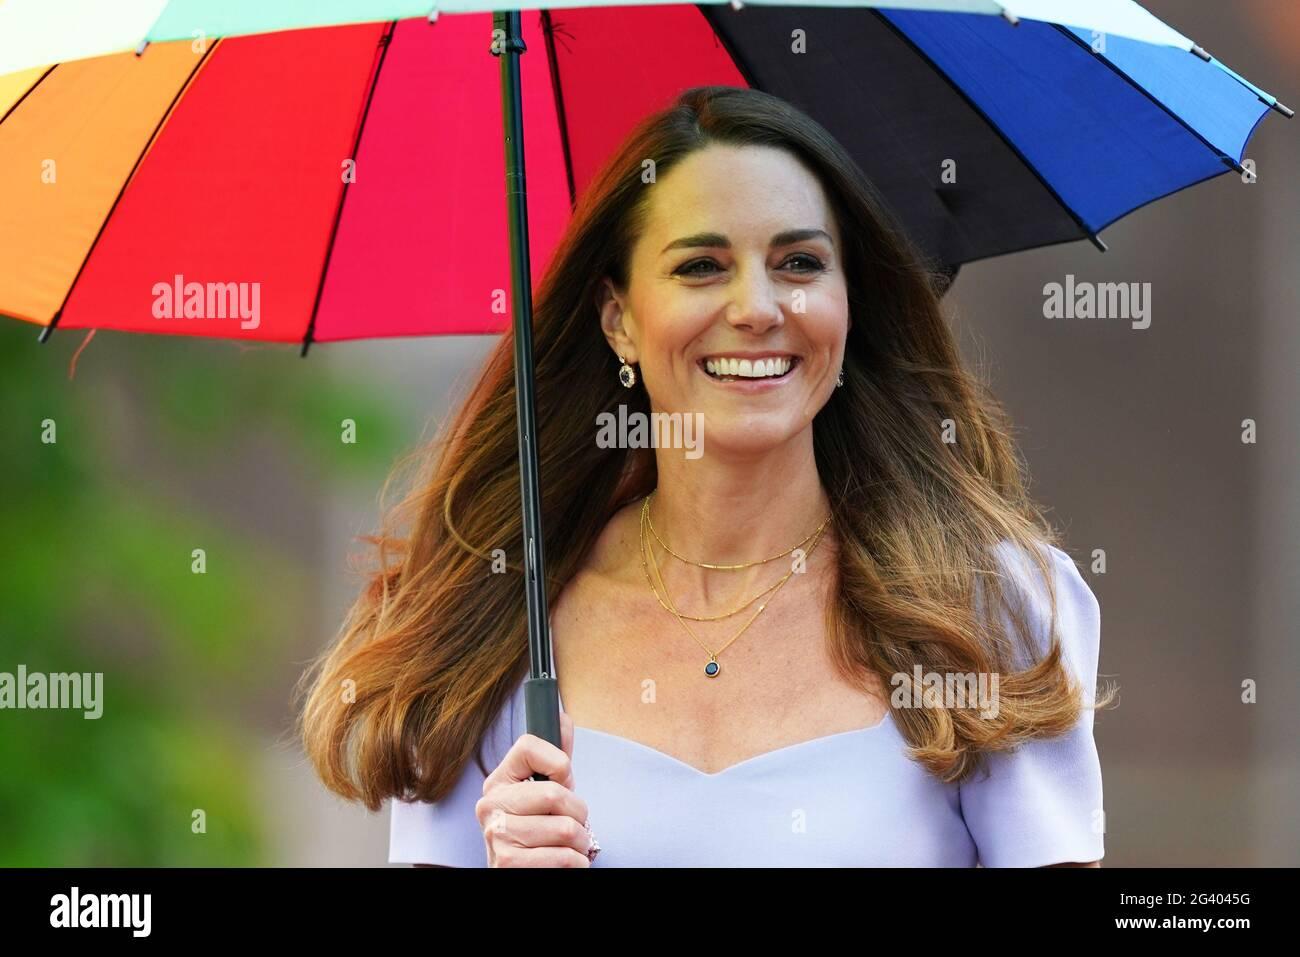 Die Herzogin von Cambridge im Kensington Palace in London am Tag der Gründung des Royal Foundation Centre for Early Childhood in London. Bilddatum: Freitag, 18. Juni 2021. Stockfoto